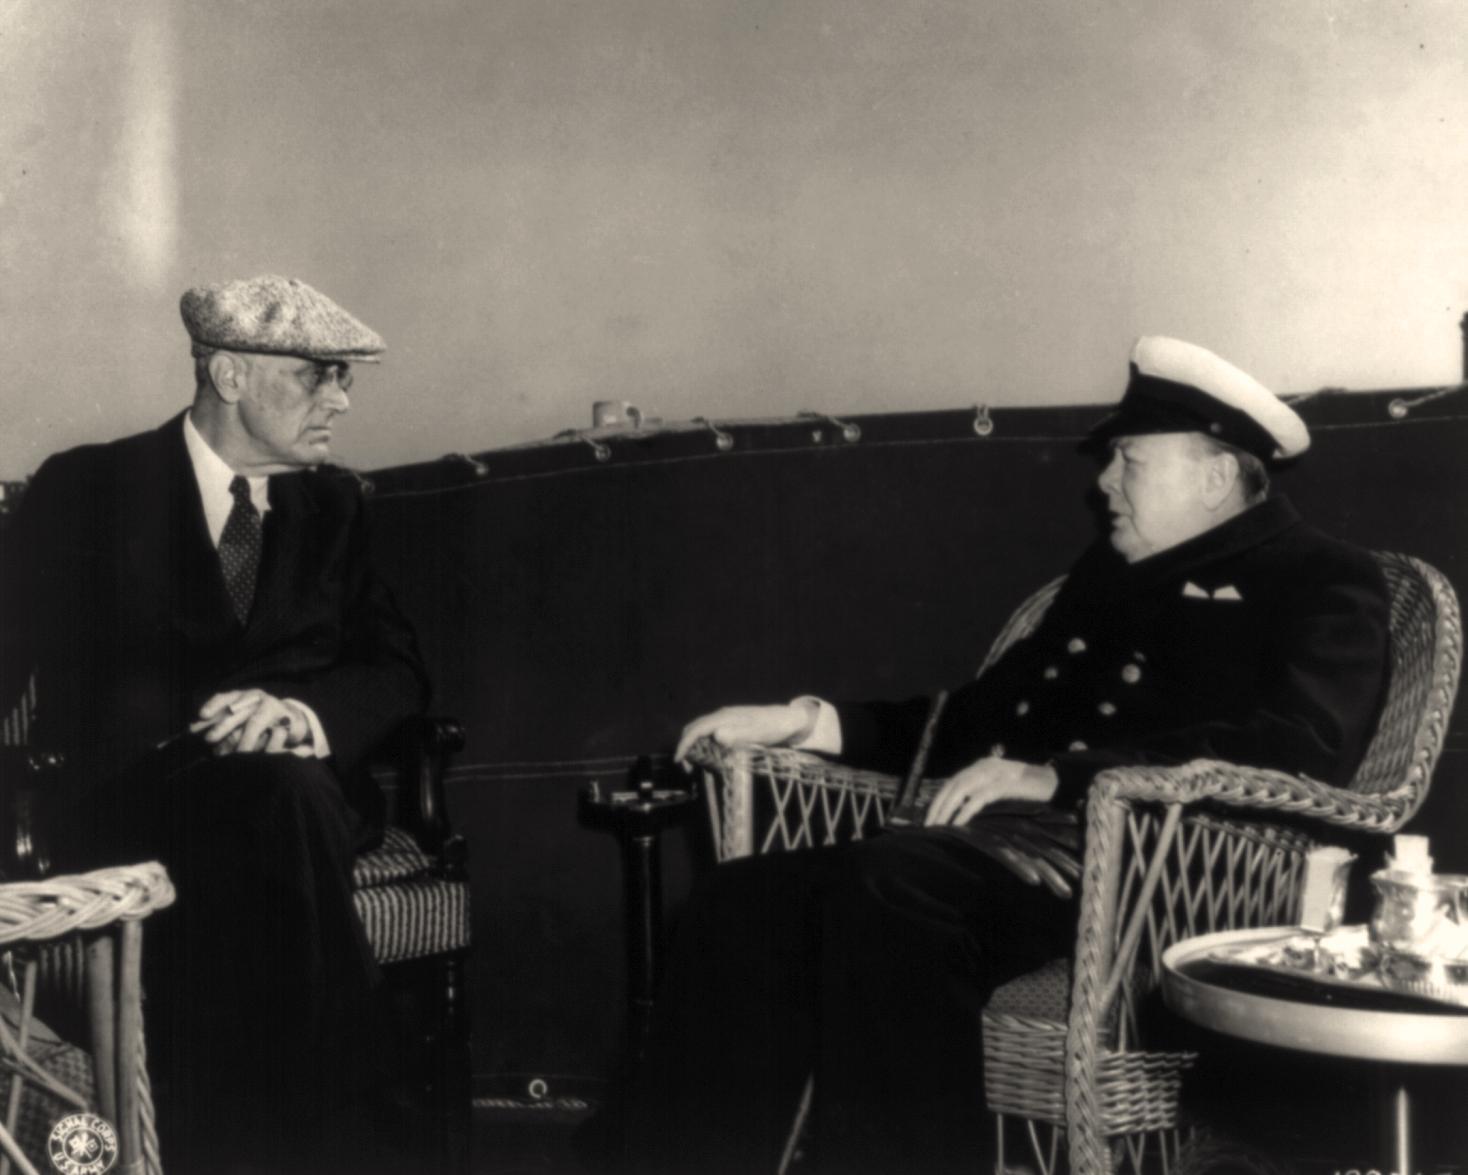 Президент Франклин Рузвельт и премьер-министр Уинстон Черчилль обсуждают послевоенную реорганизацию Европы